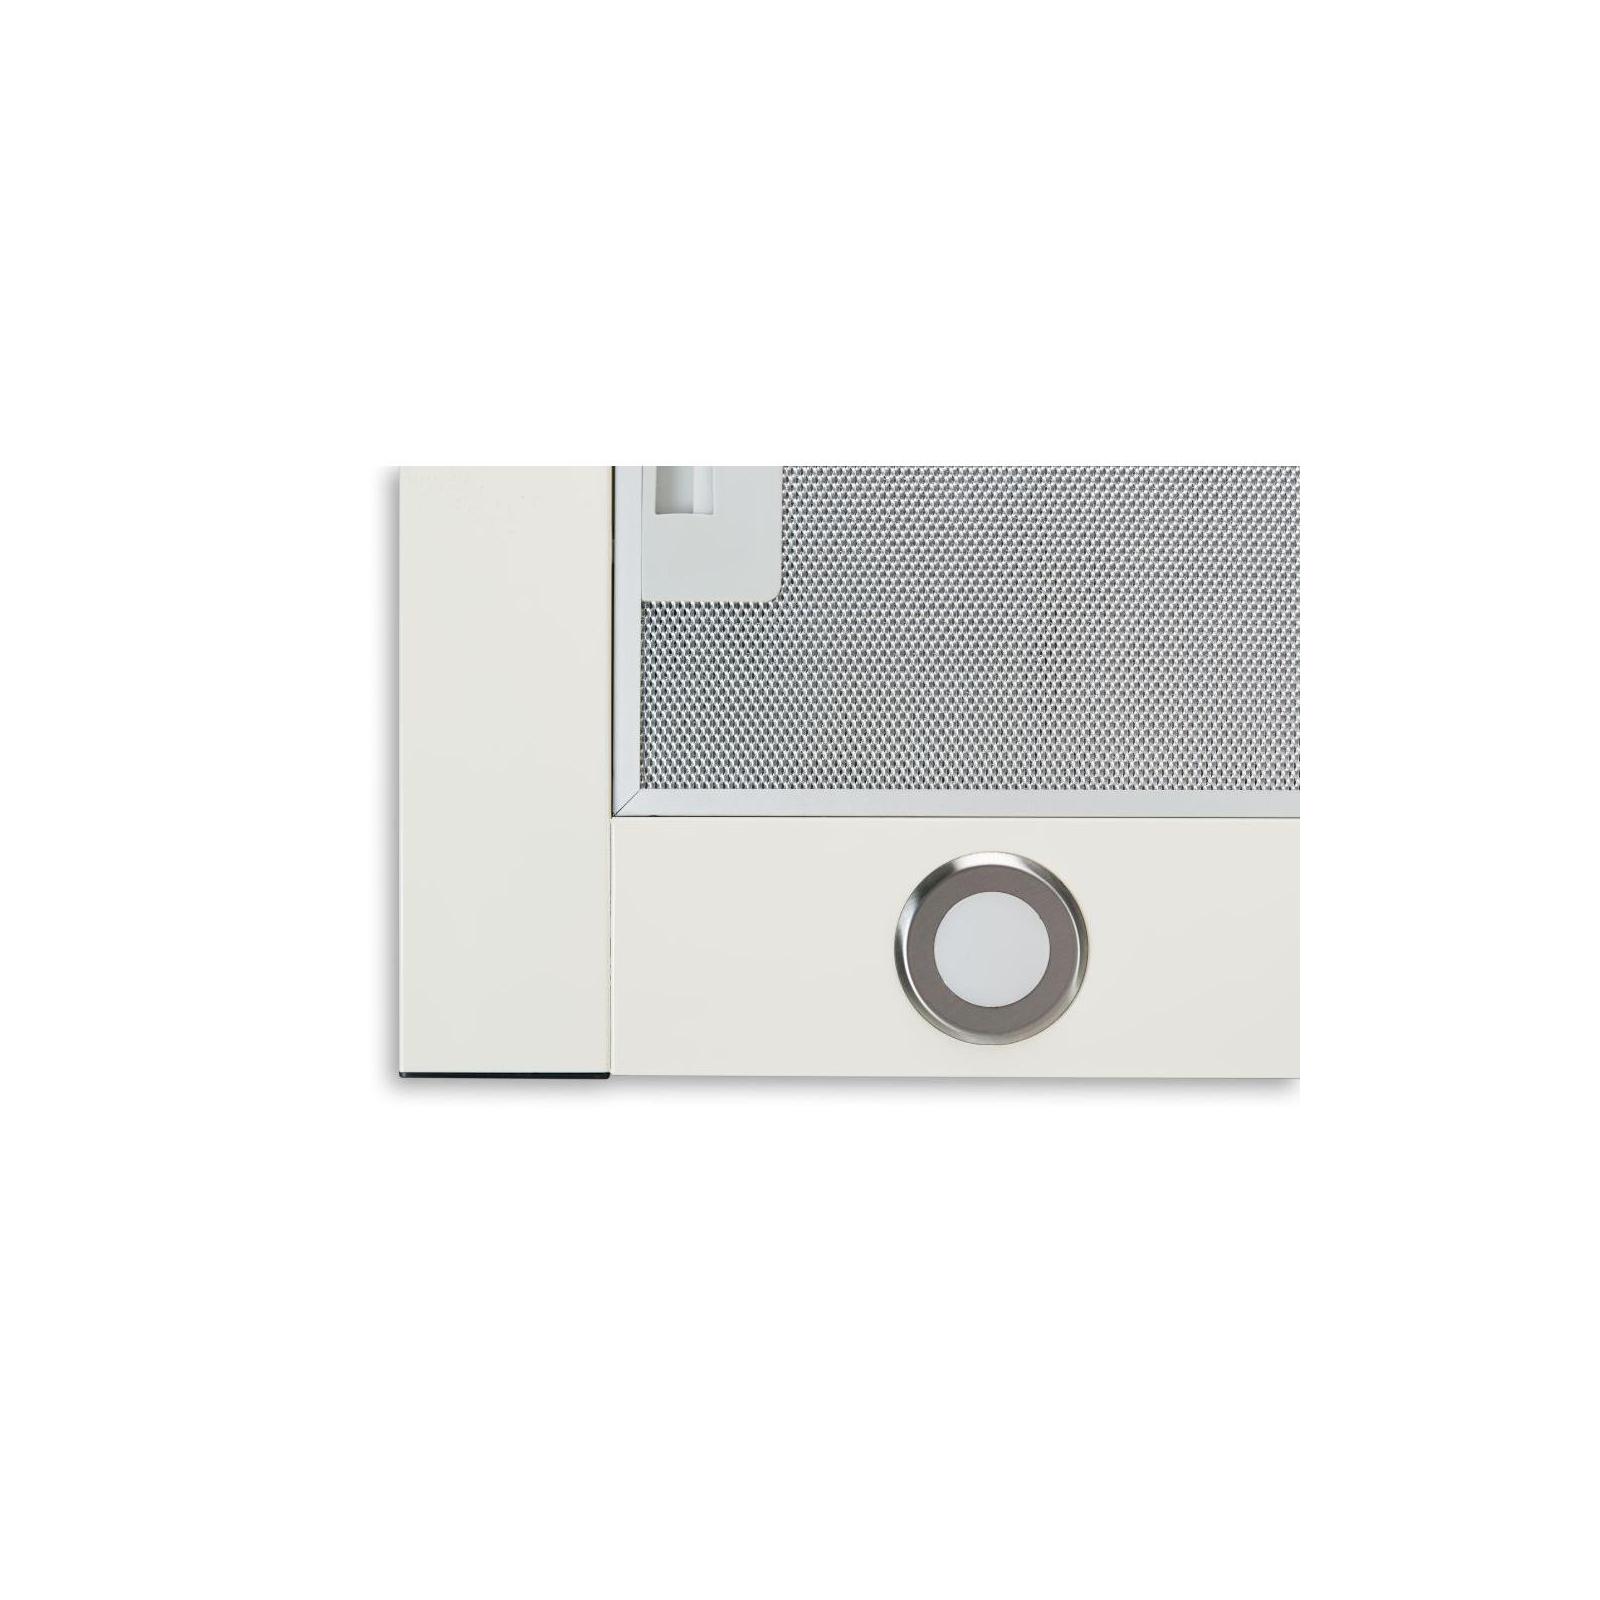 Вытяжка кухонная MINOLA HTL 6112 WH 650 LED изображение 7